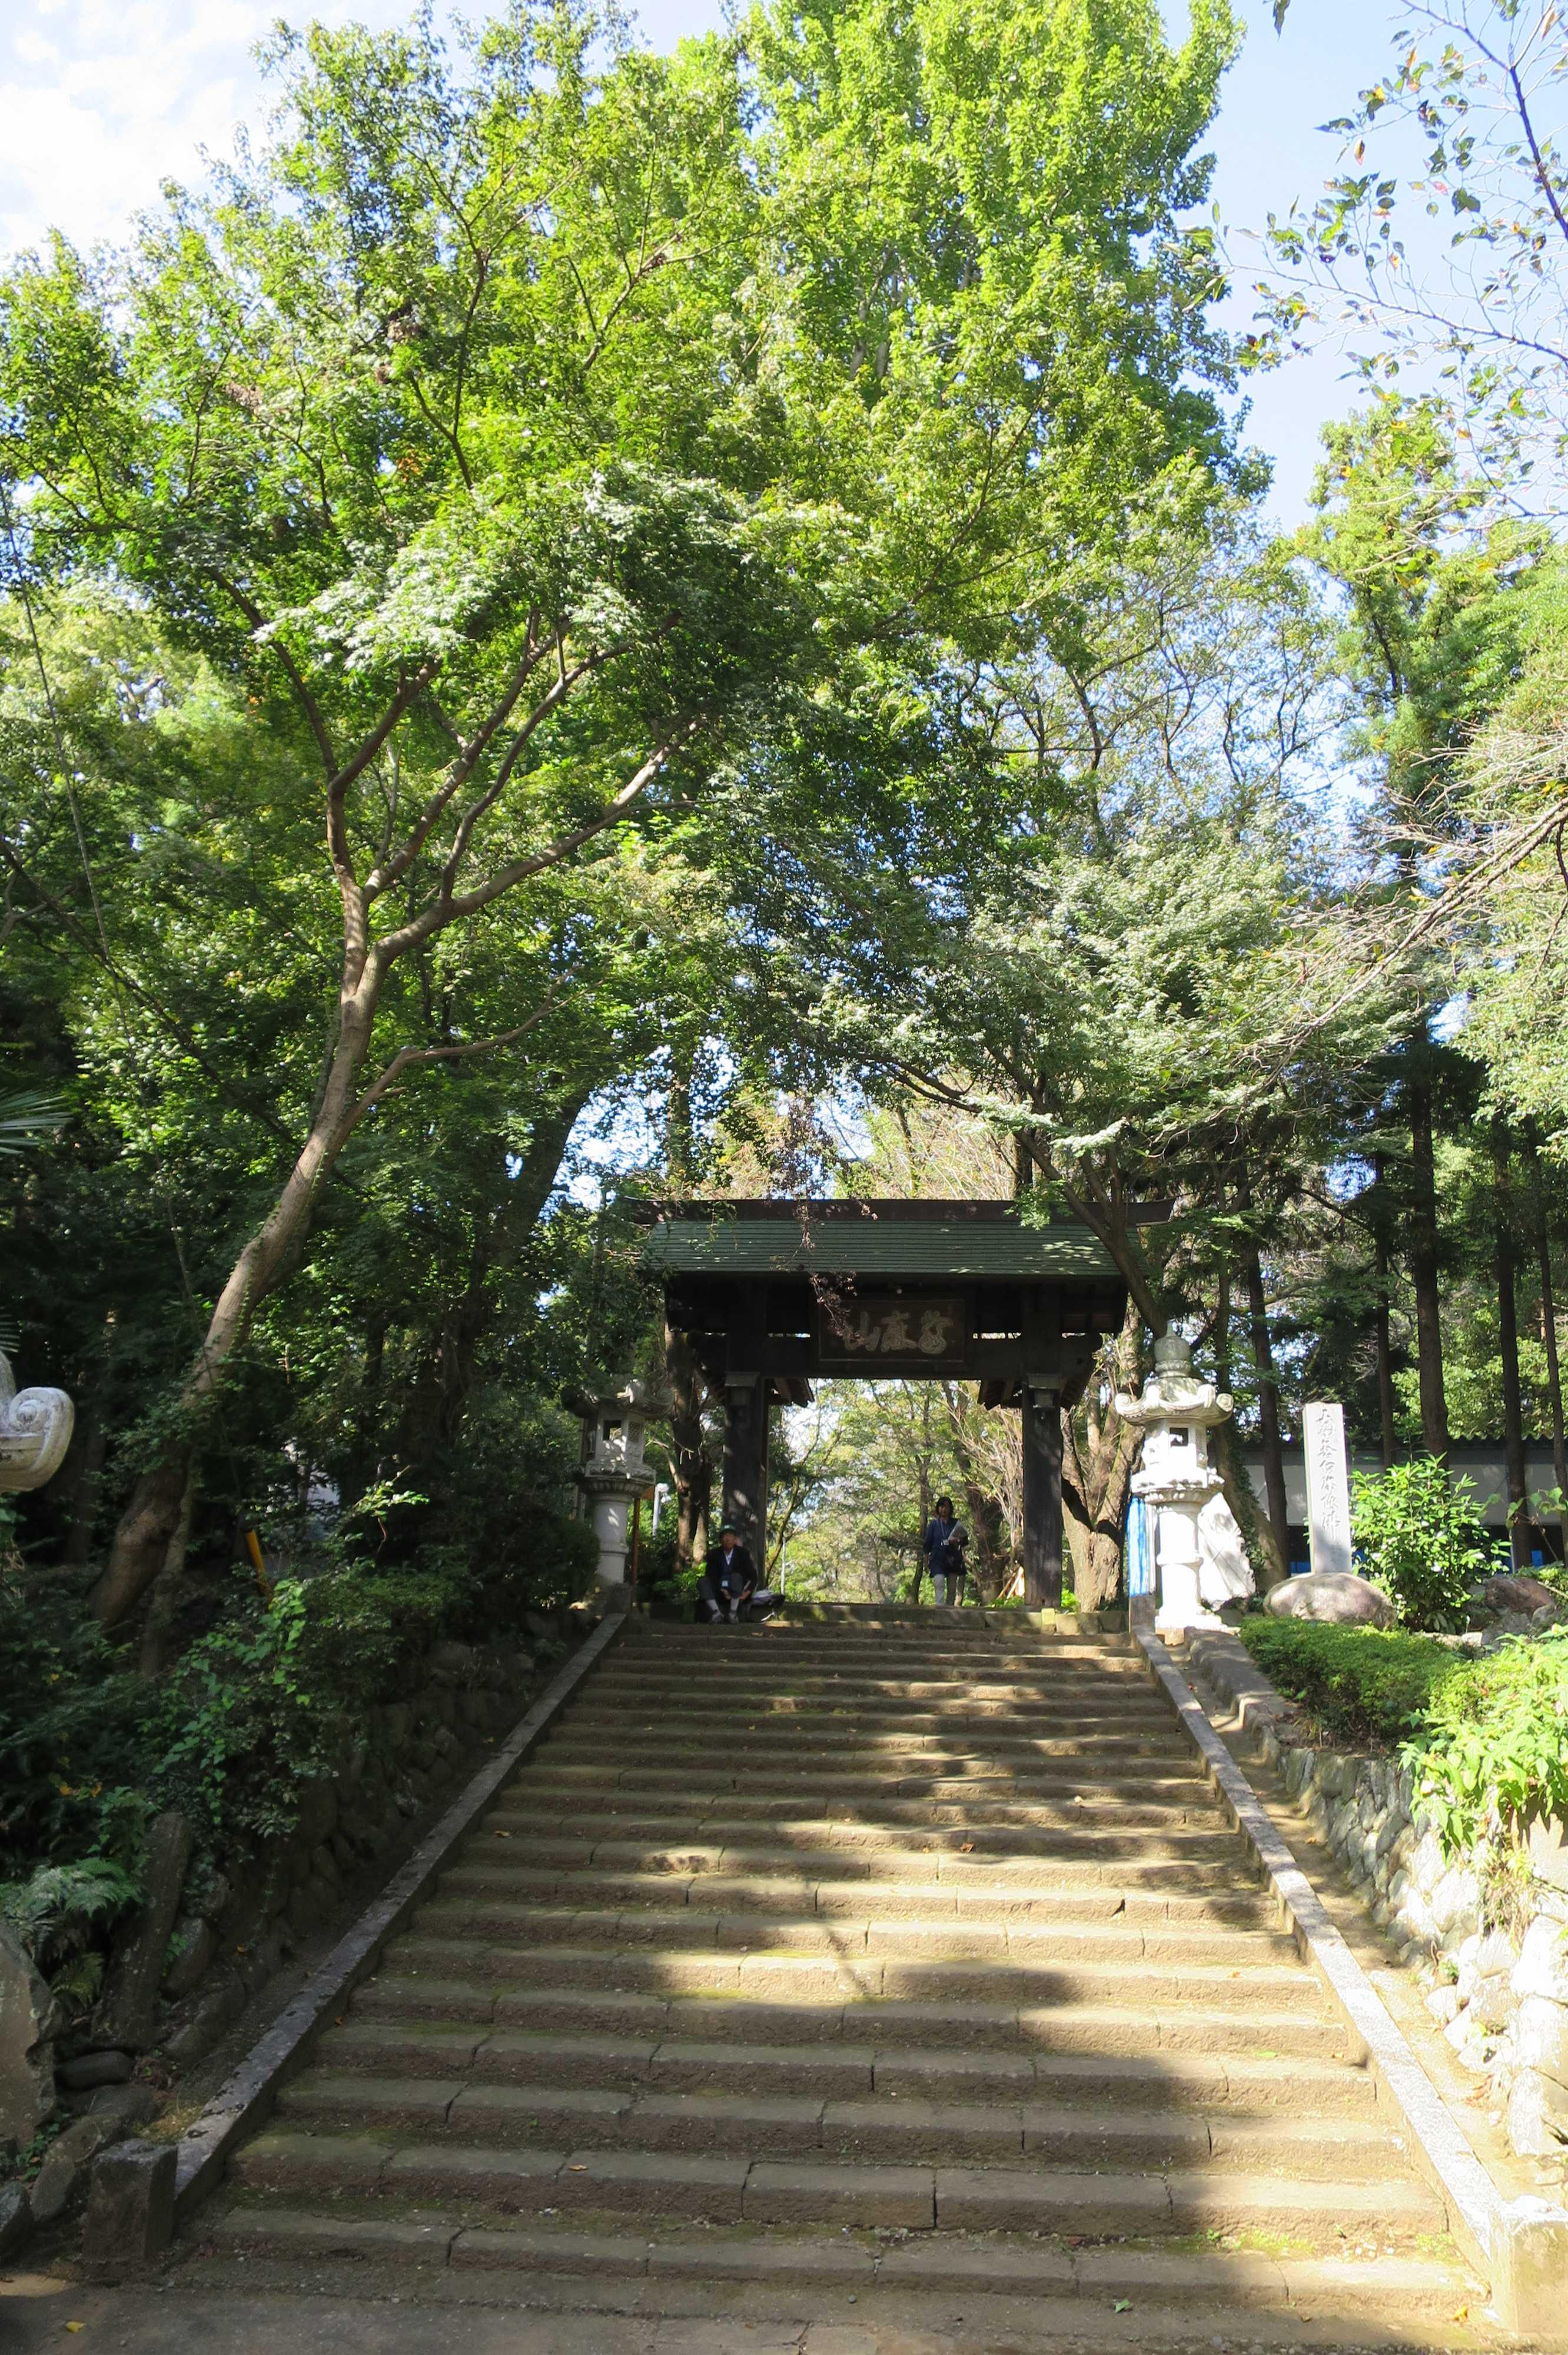 無量光寺 - 高麗門の山門